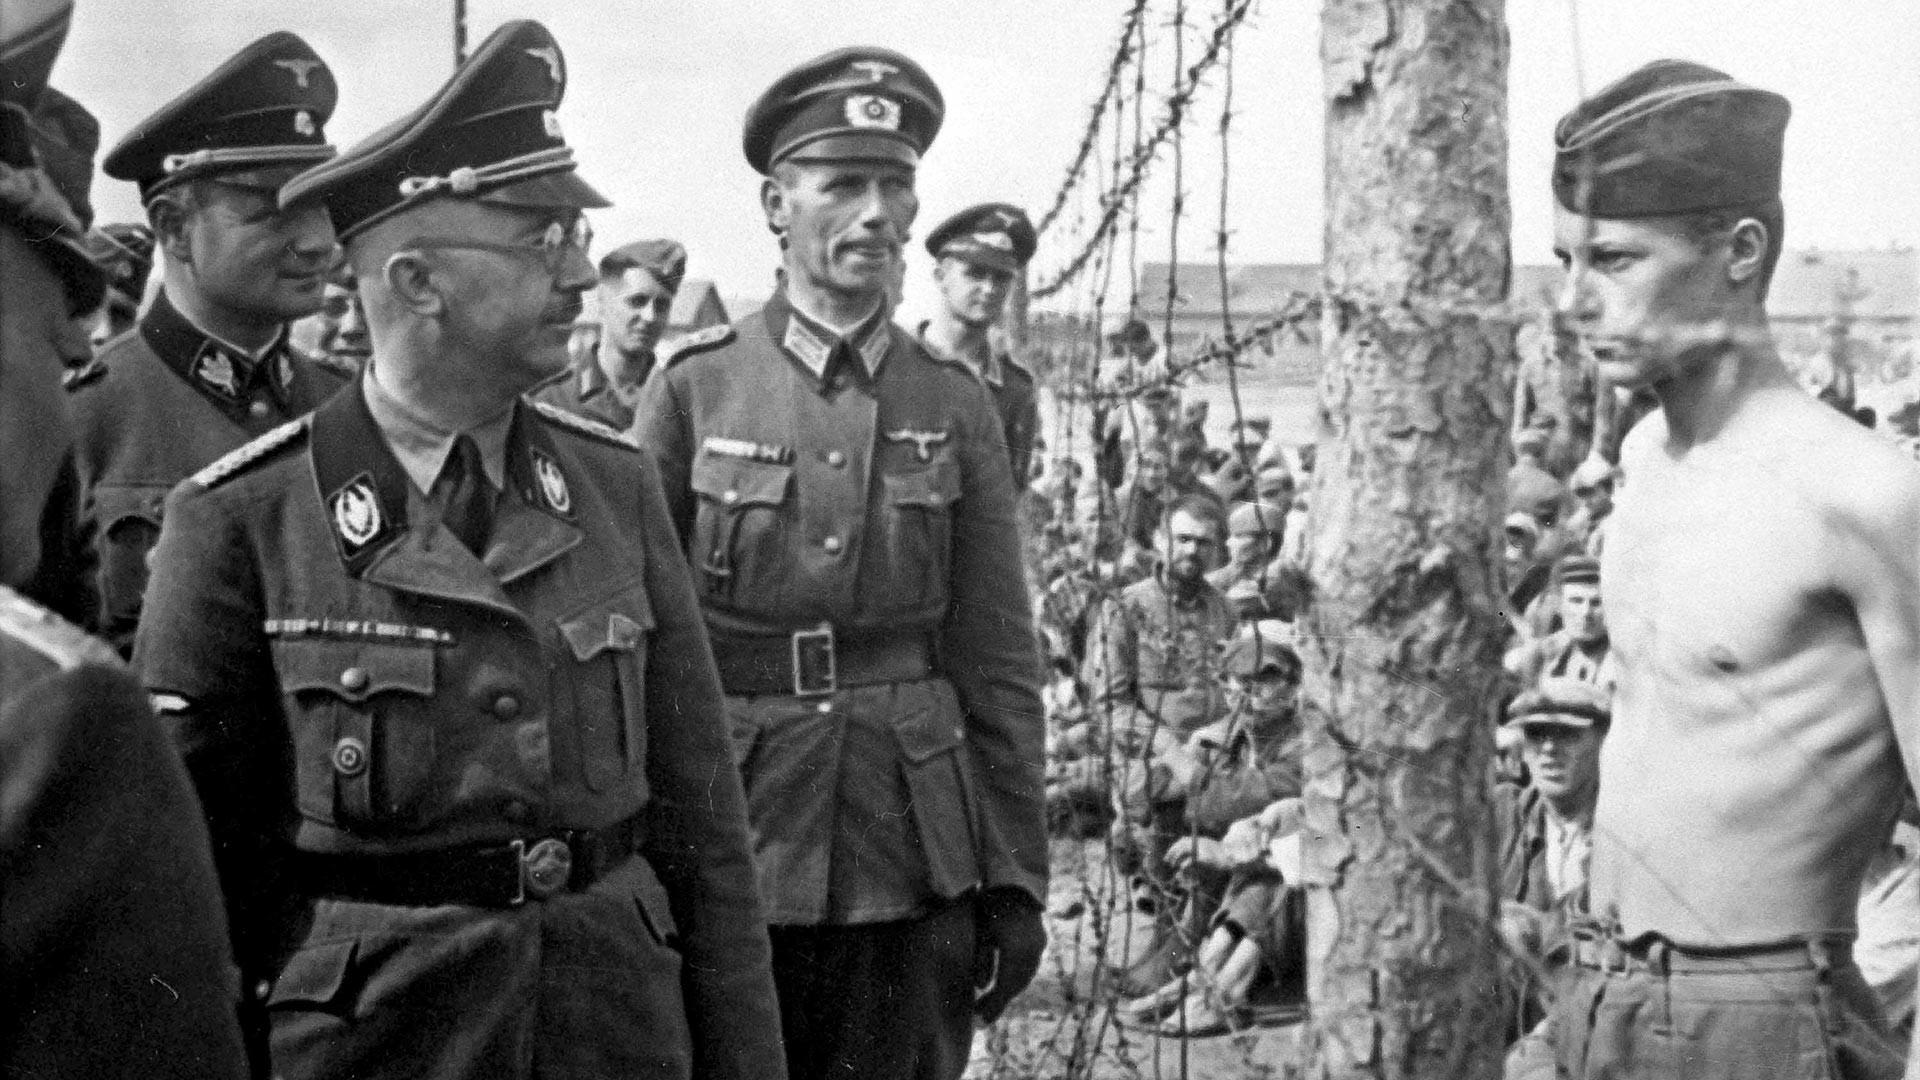 Химлер инспектира лагер за военнопленници, около 1941-1942 г.